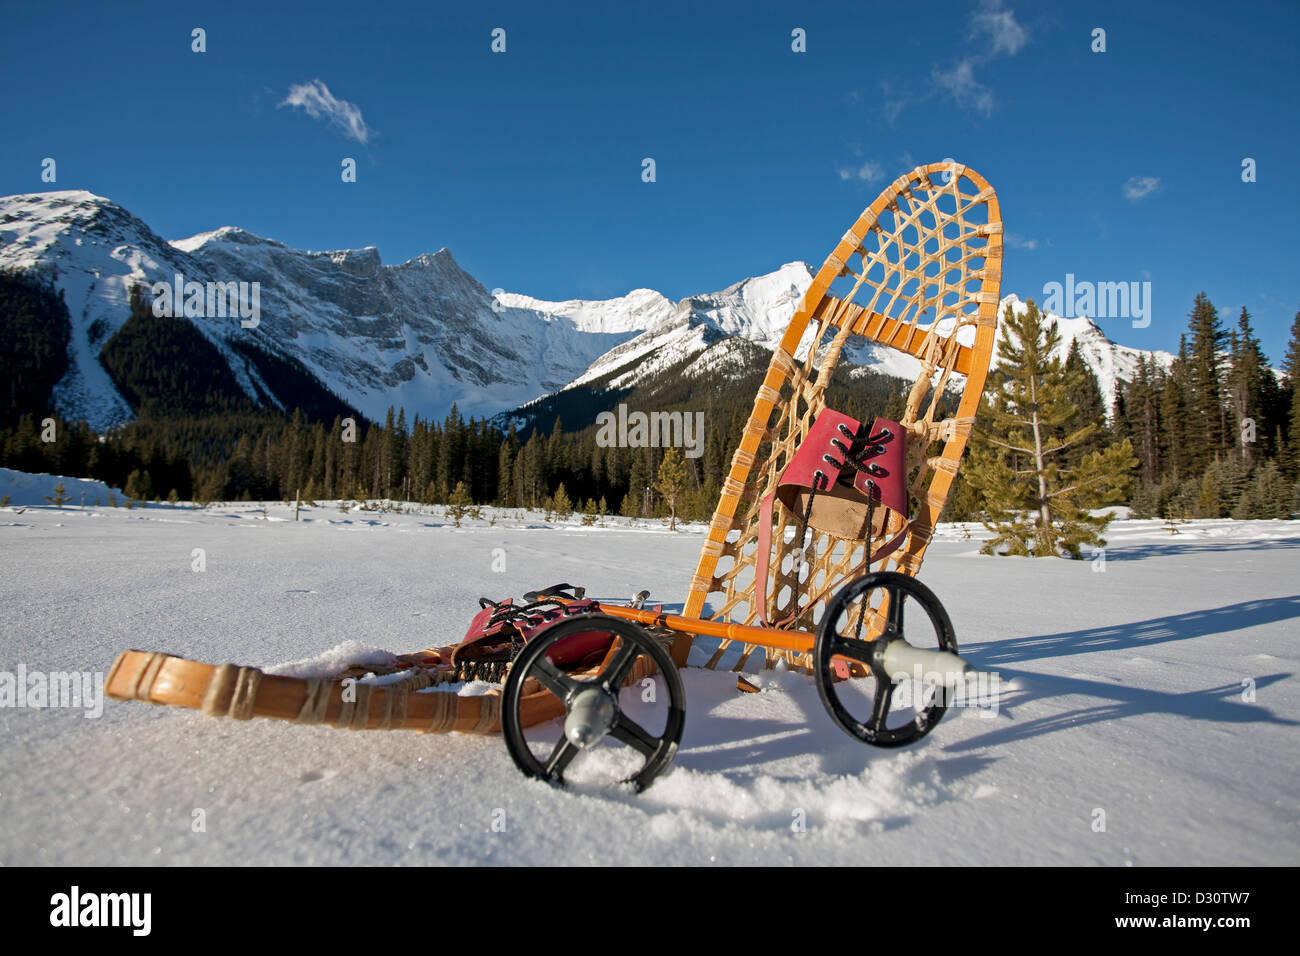 Pignon d'vintage dans la neige avec des montagnes en arrière-plan Photo Stock